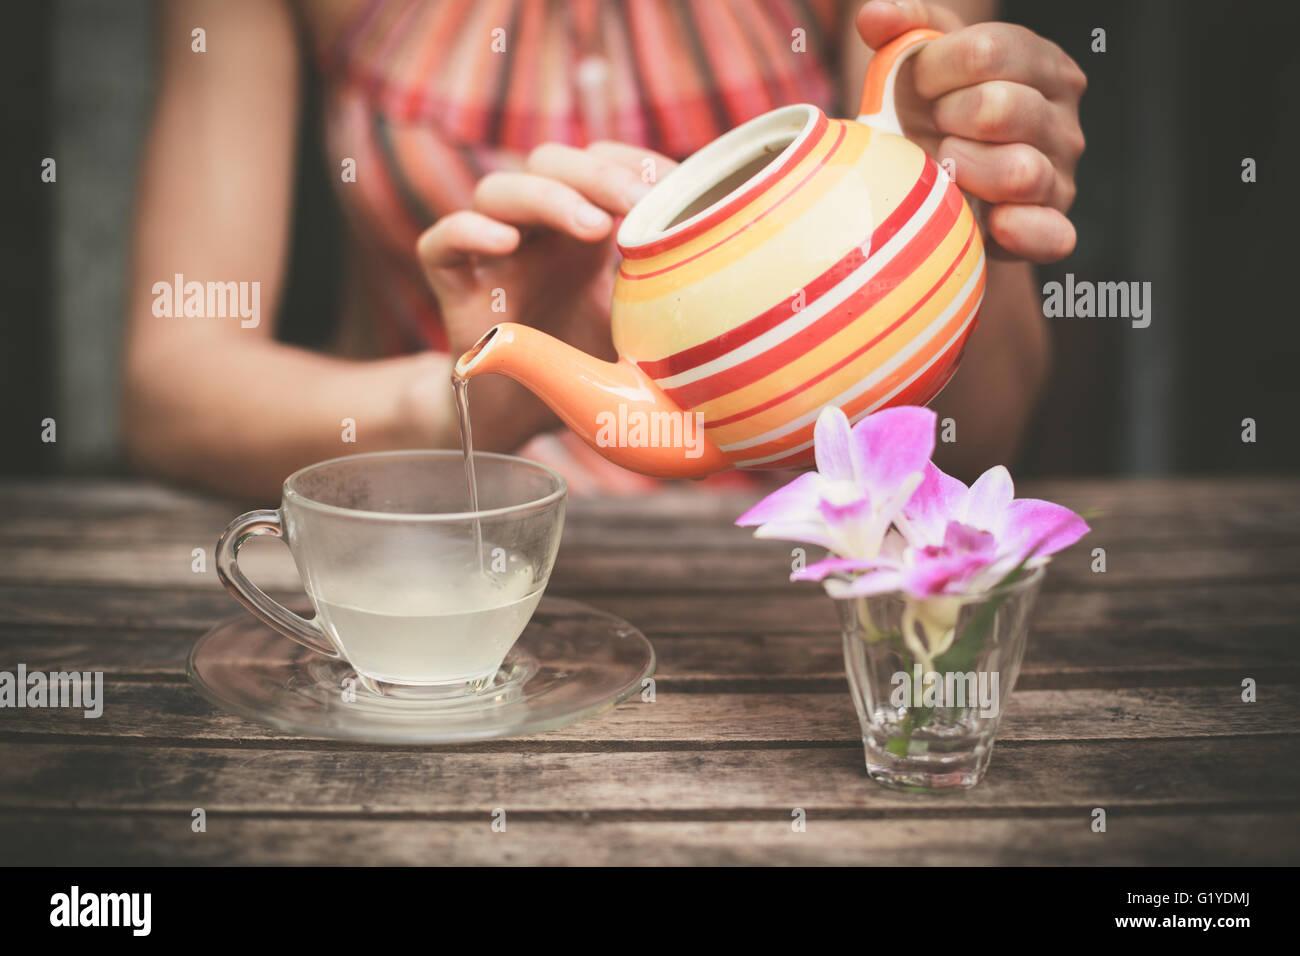 Un joven está sentado en una mesa y está vertiendo una taza de té Imagen De Stock